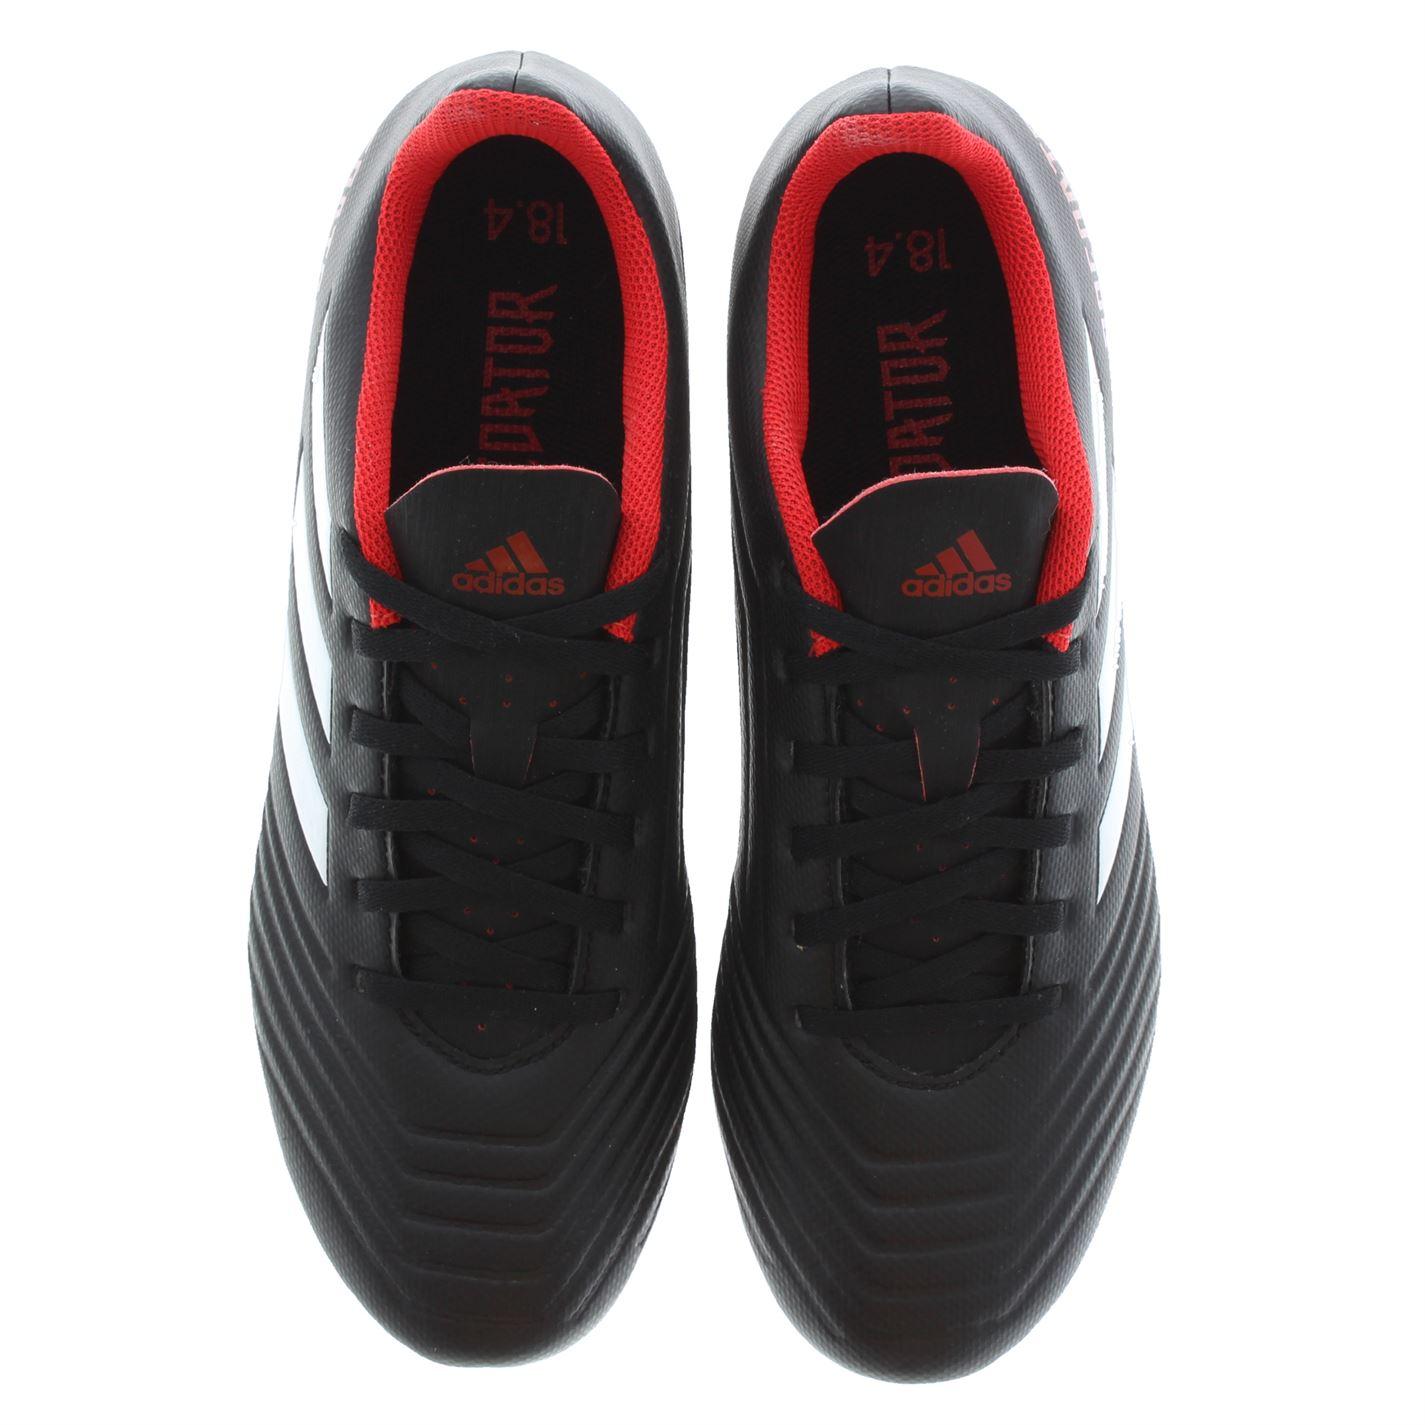 Adidas mens prossoatore 18,4 fxg fxg fxg scarpe da calcio terra ferma il merletto peroni | Regalo ideale per tutte le occasioni  214004